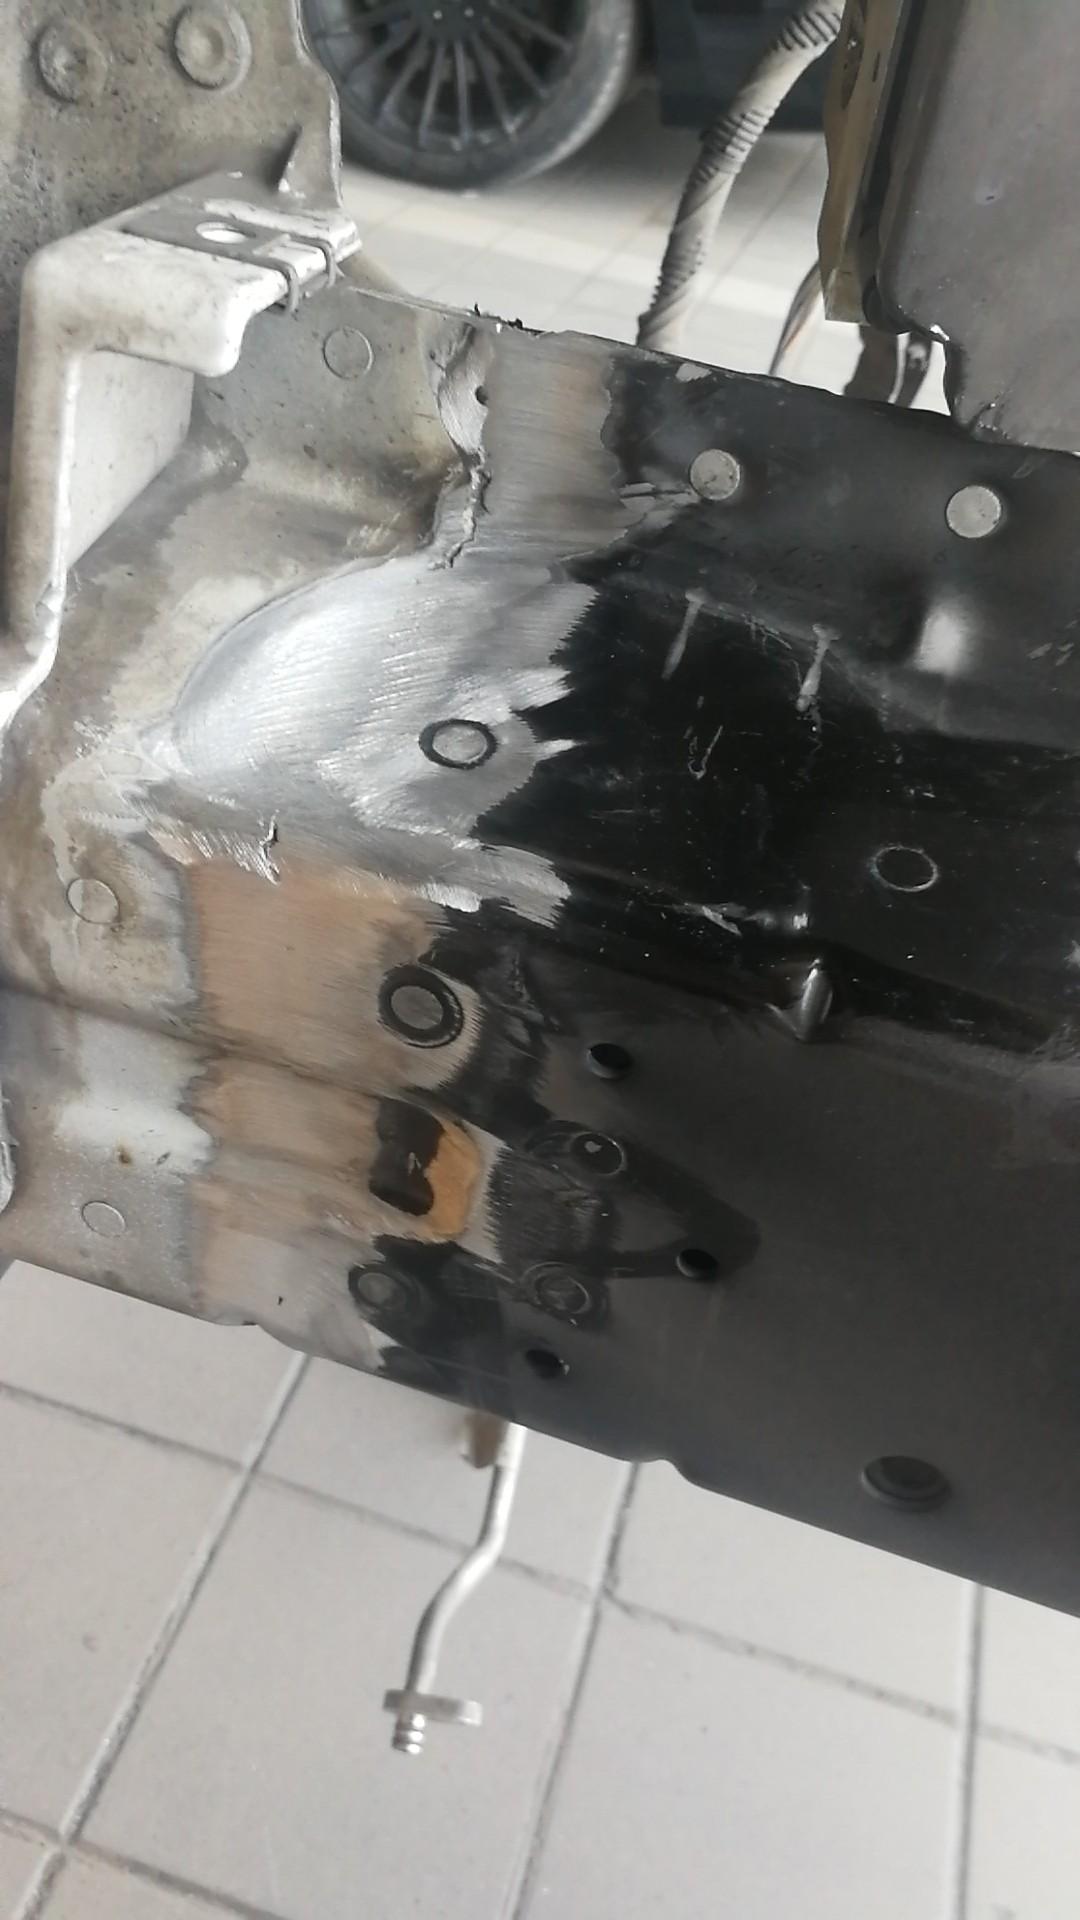 路虎-攬勝 路虎4s店欺詐客戶維修使用副廠件及拆車件并且擅自做主切割車輛大梁